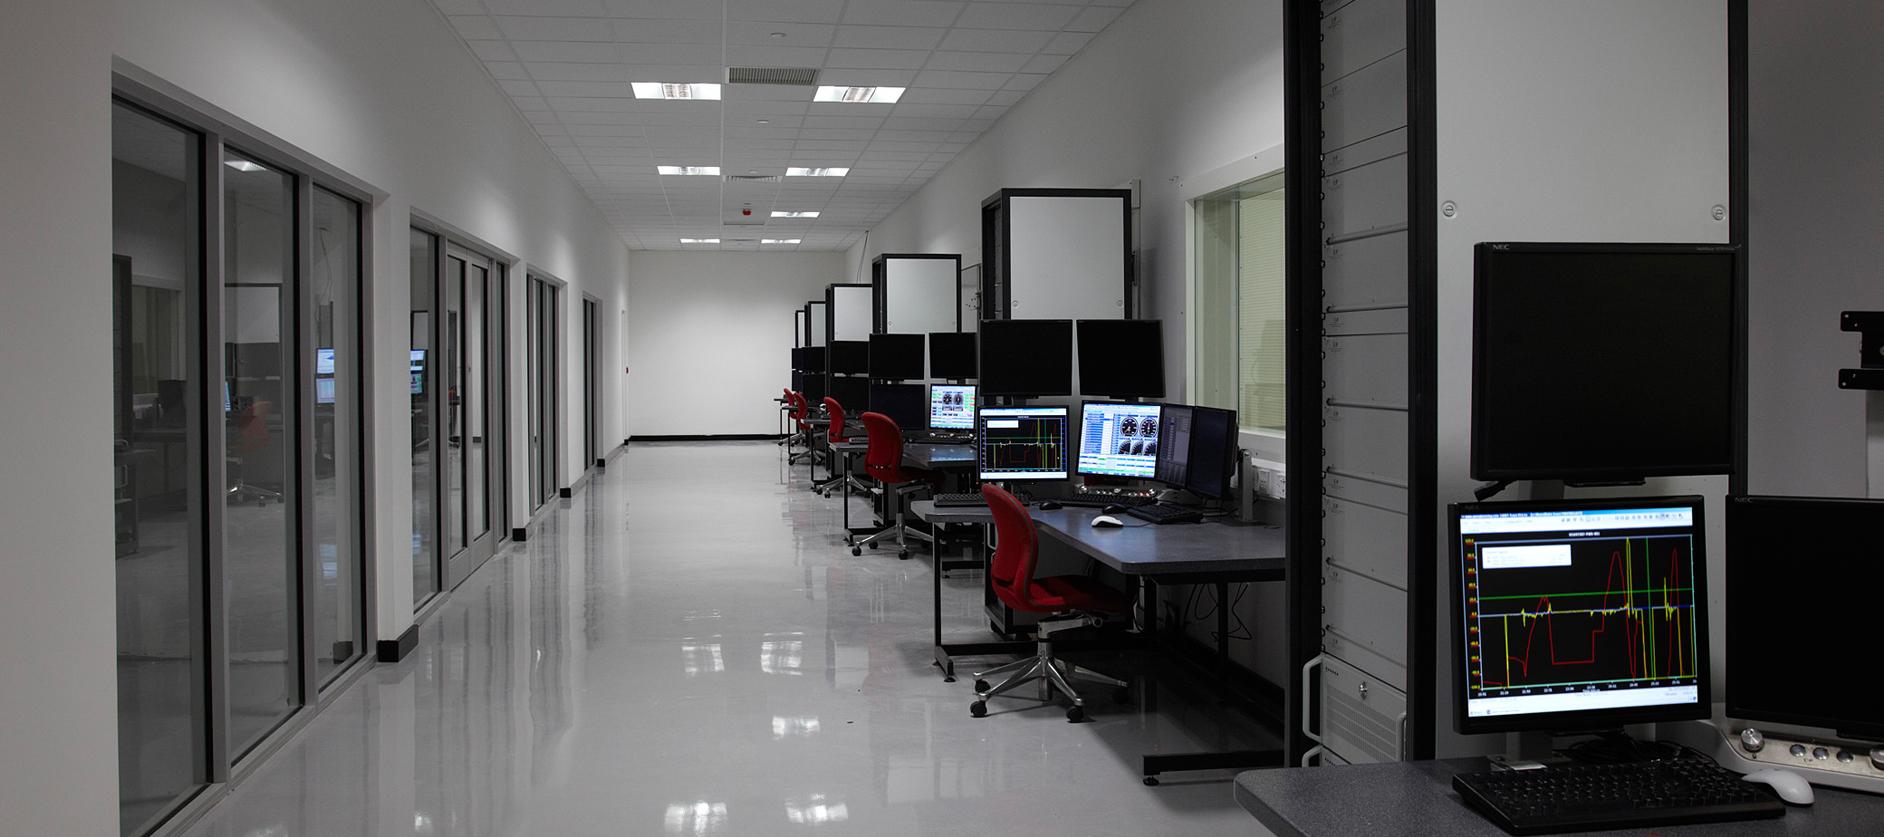 Test Control Hallway